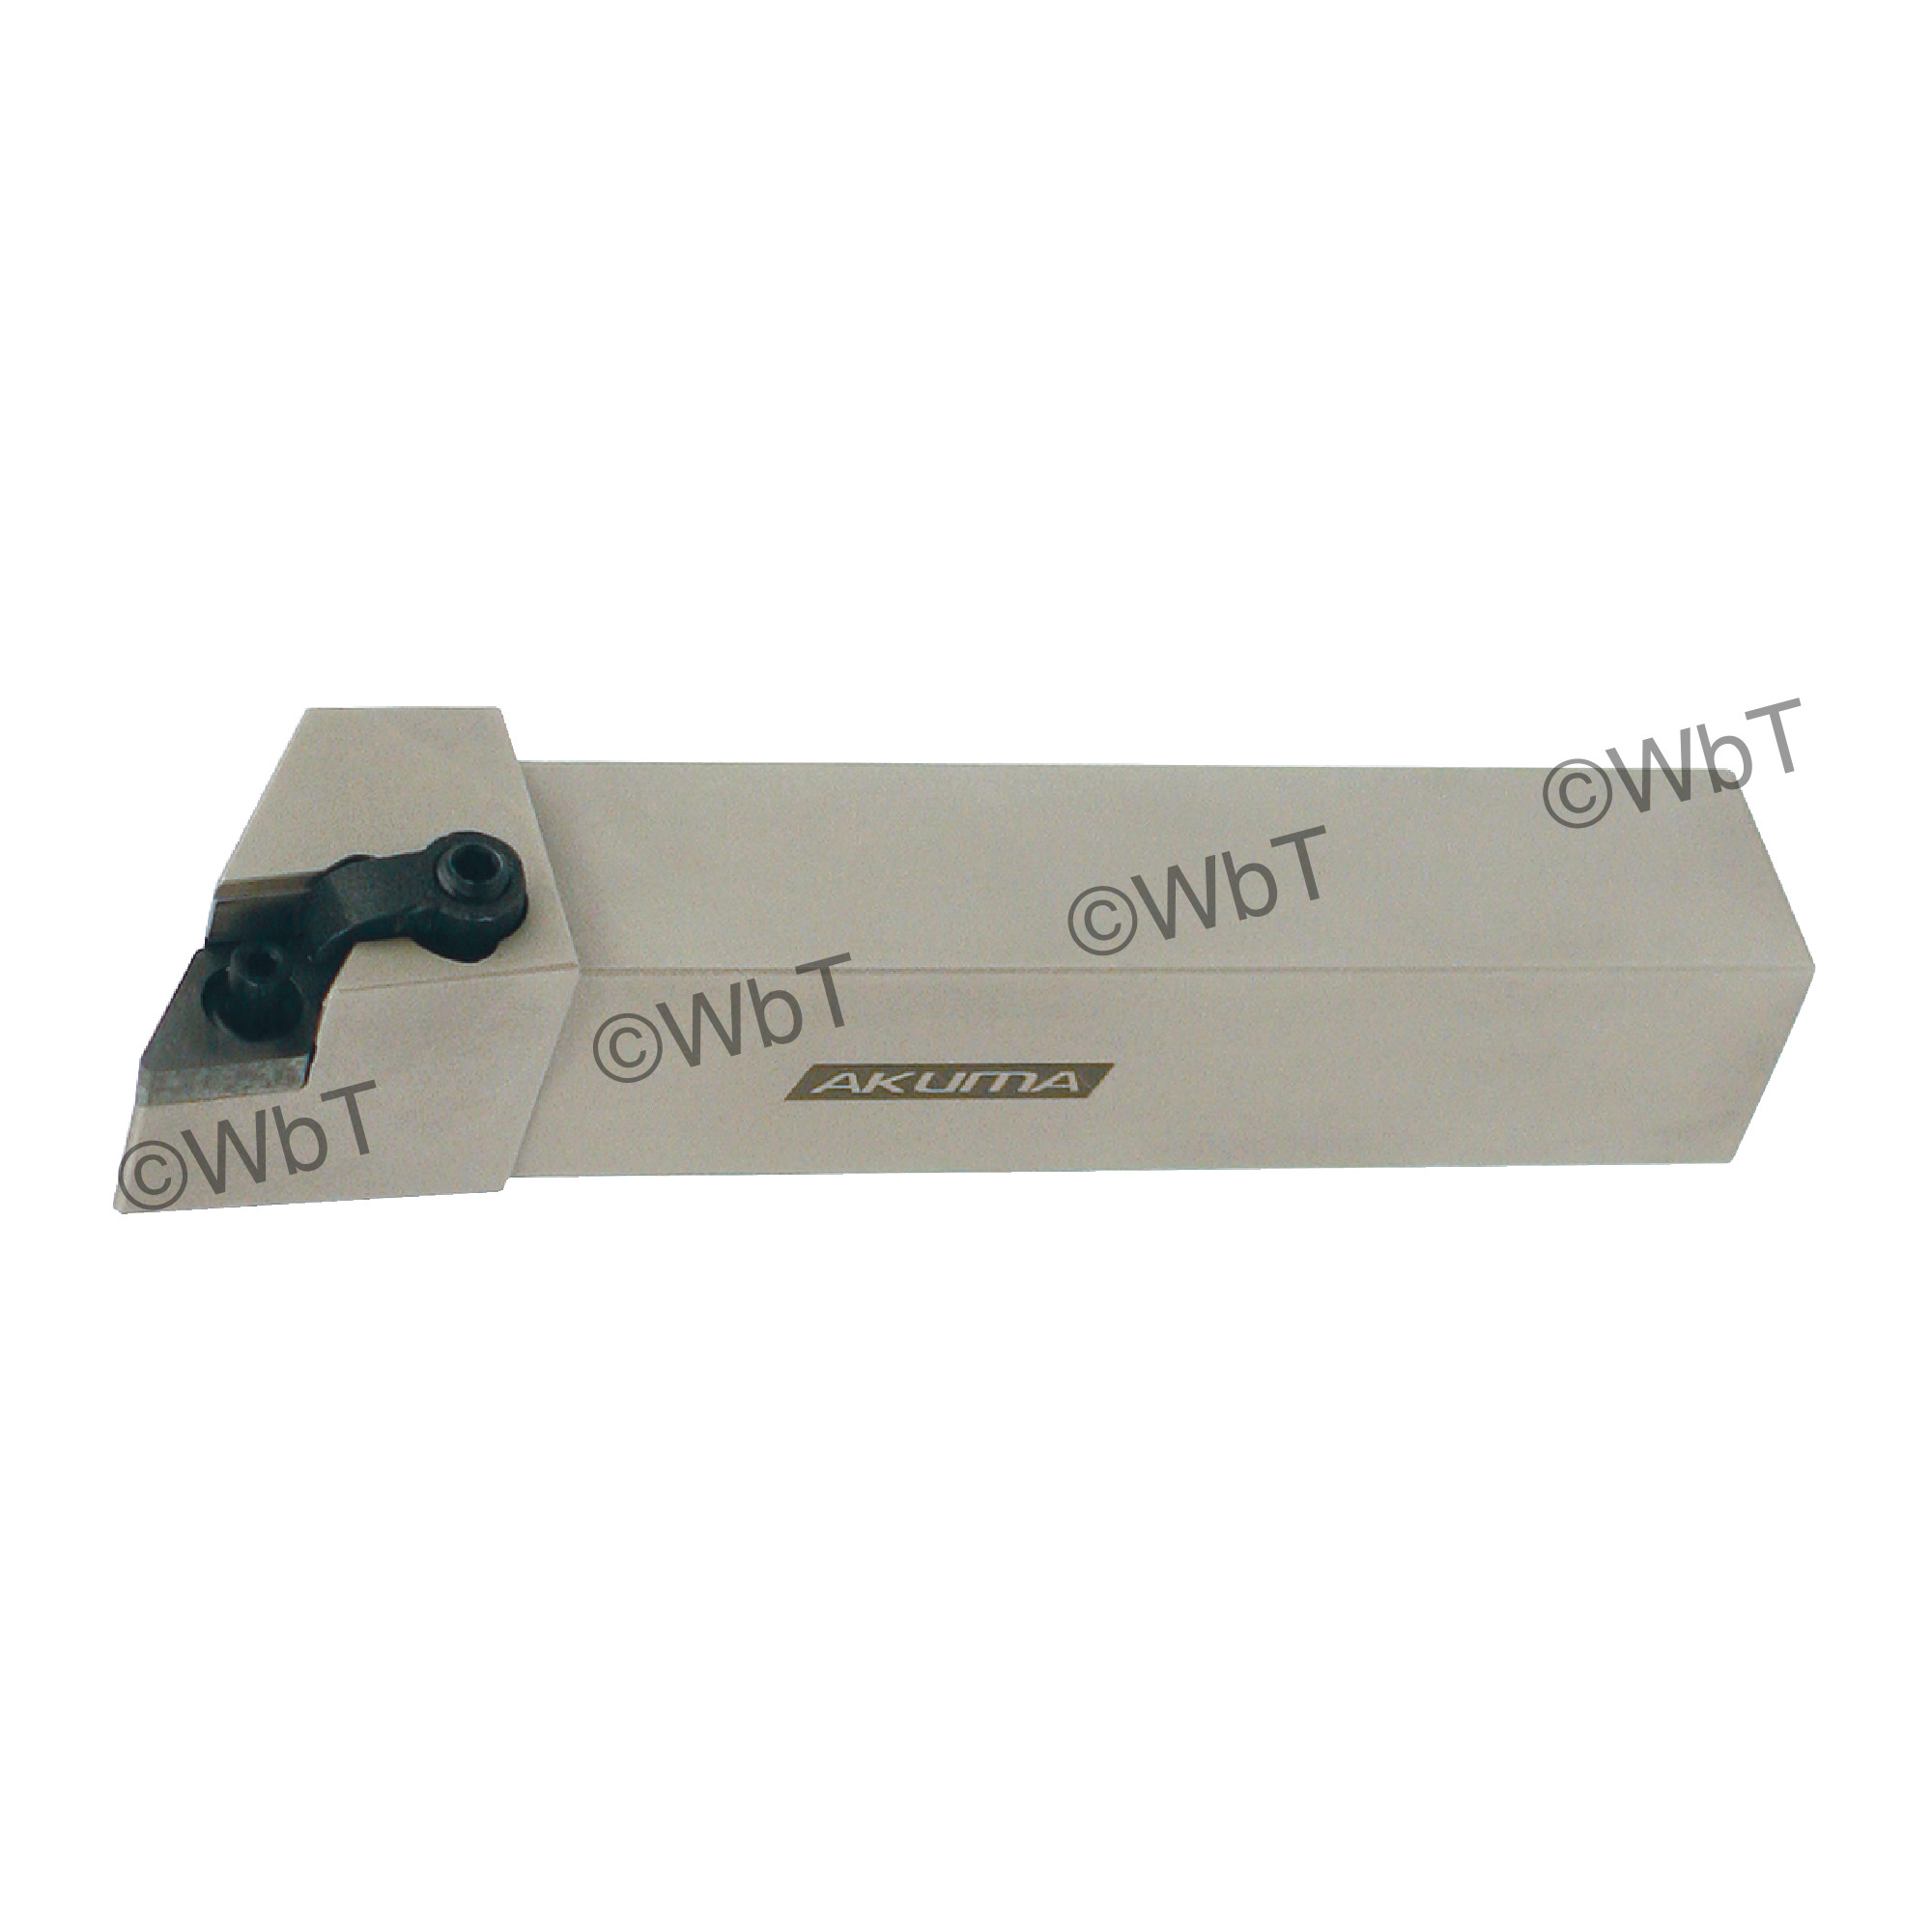 """AKUMA - MDJNL12-4B / 0.750"""" External Turning Holder for DNMG43_ Inserts / Left Hand"""